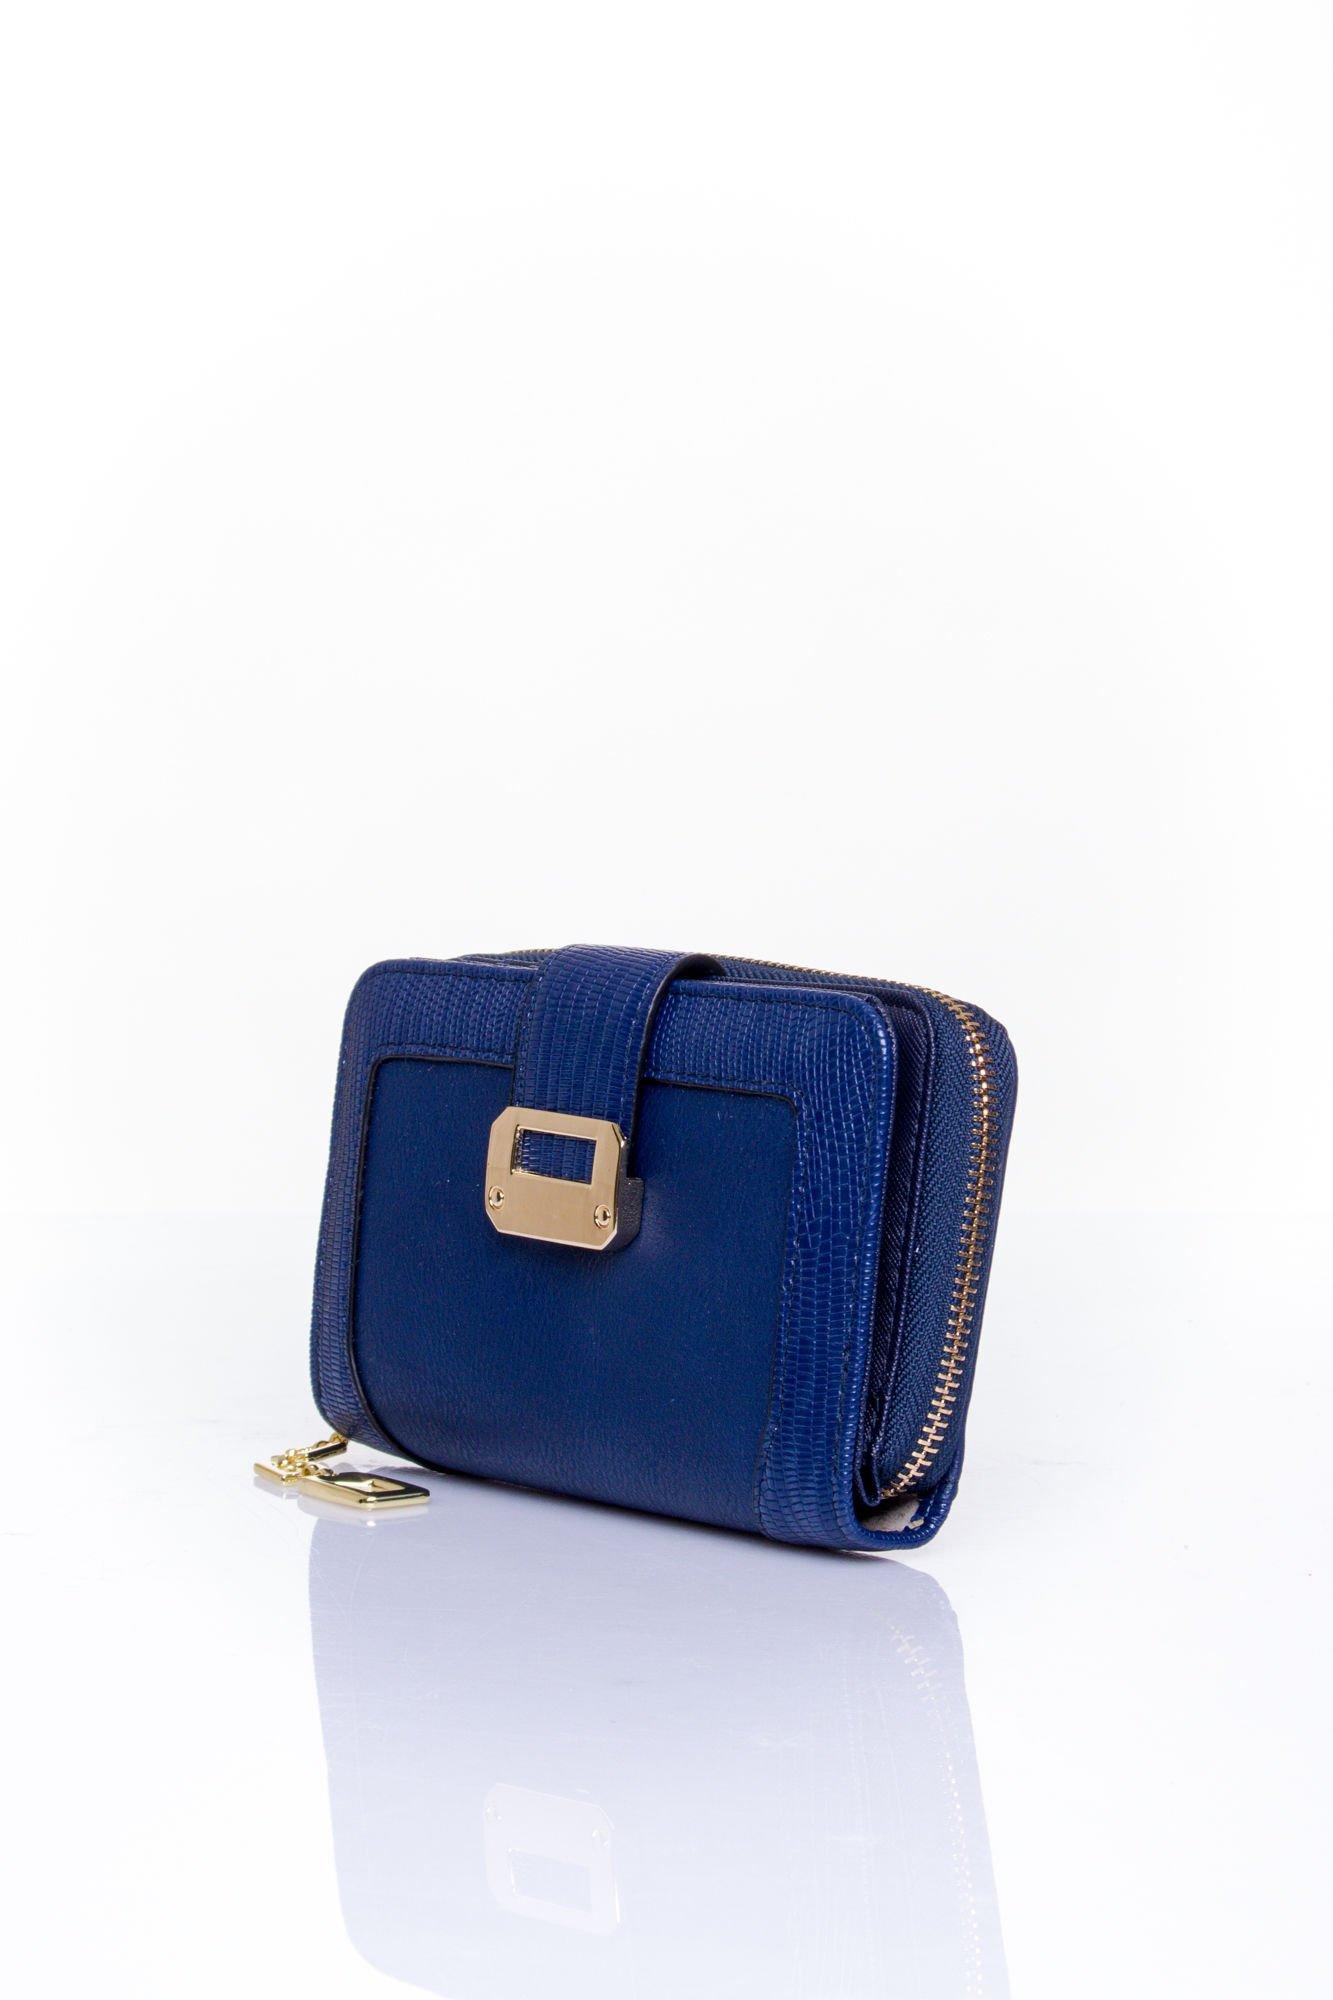 Granatowy portfel z ozdobną złotą klamrą                                  zdj.                                  3